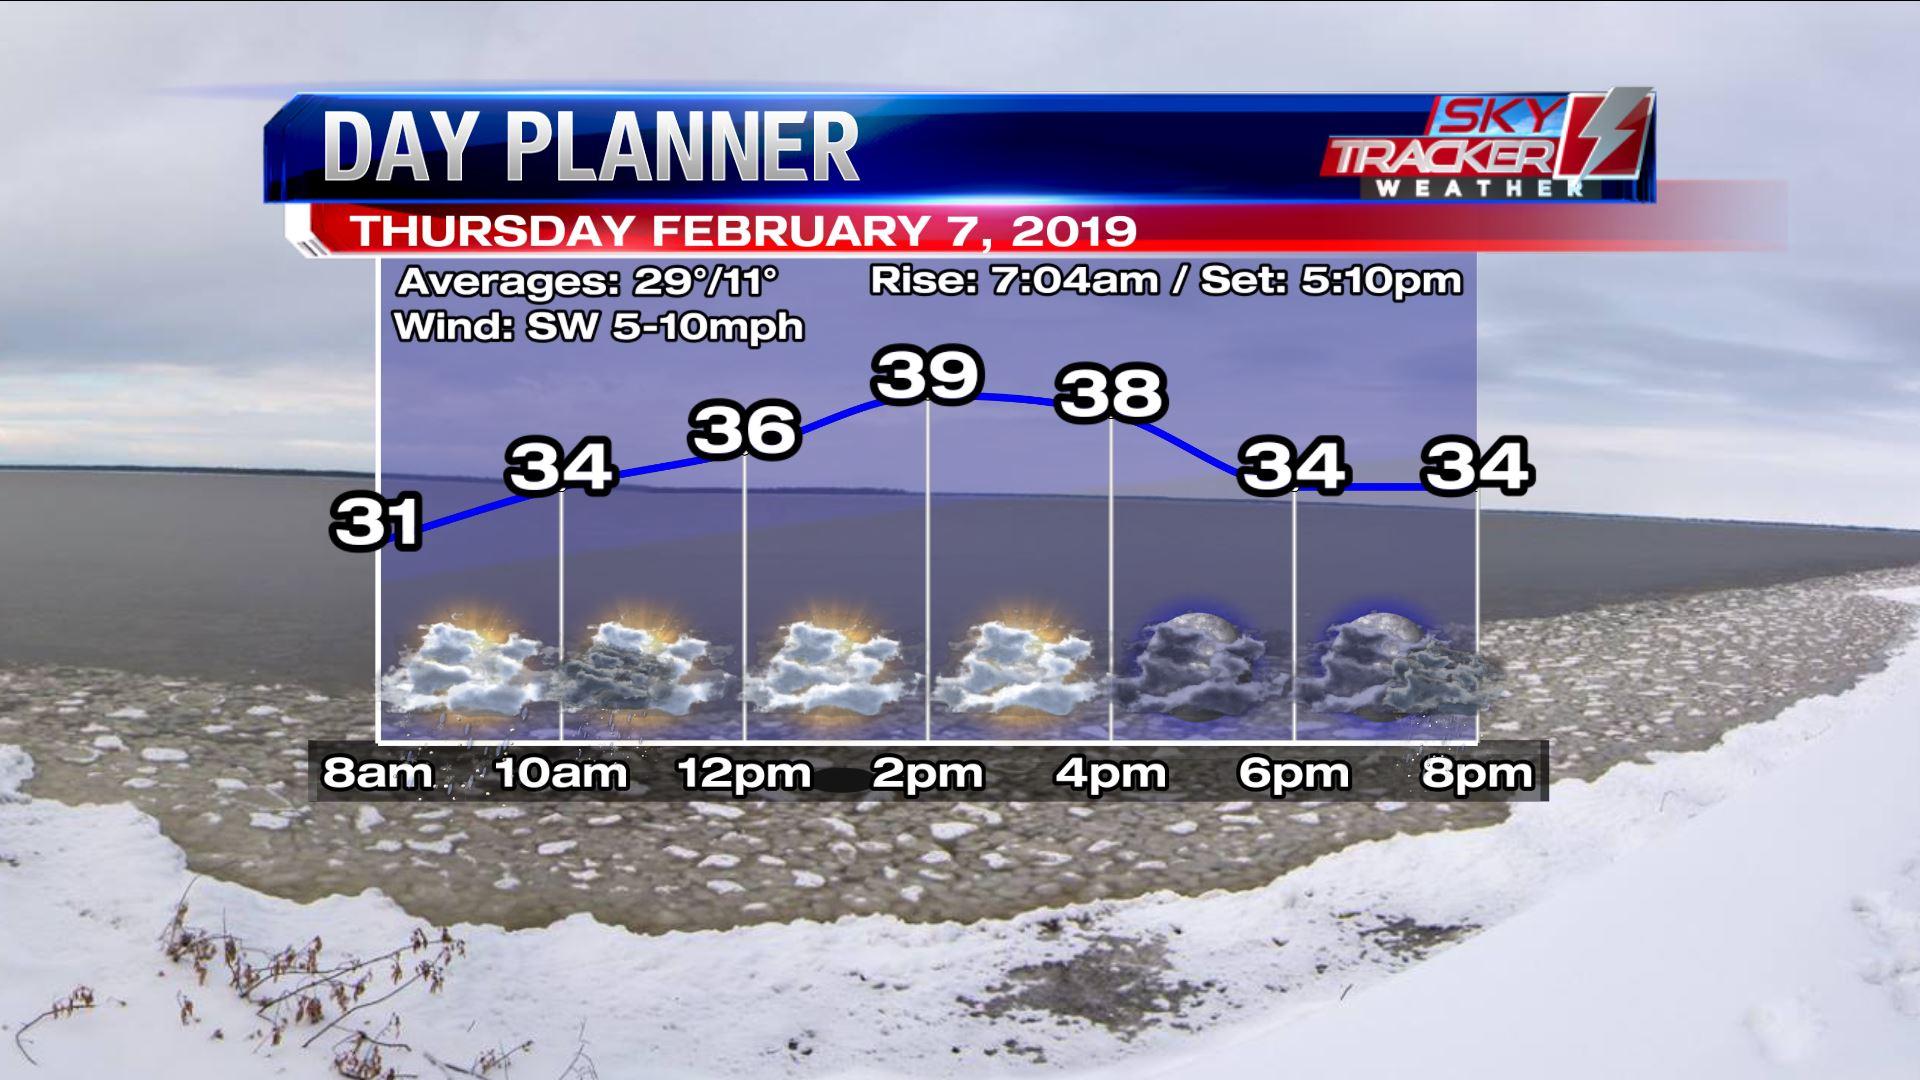 Planner for Thursday February 7 2019